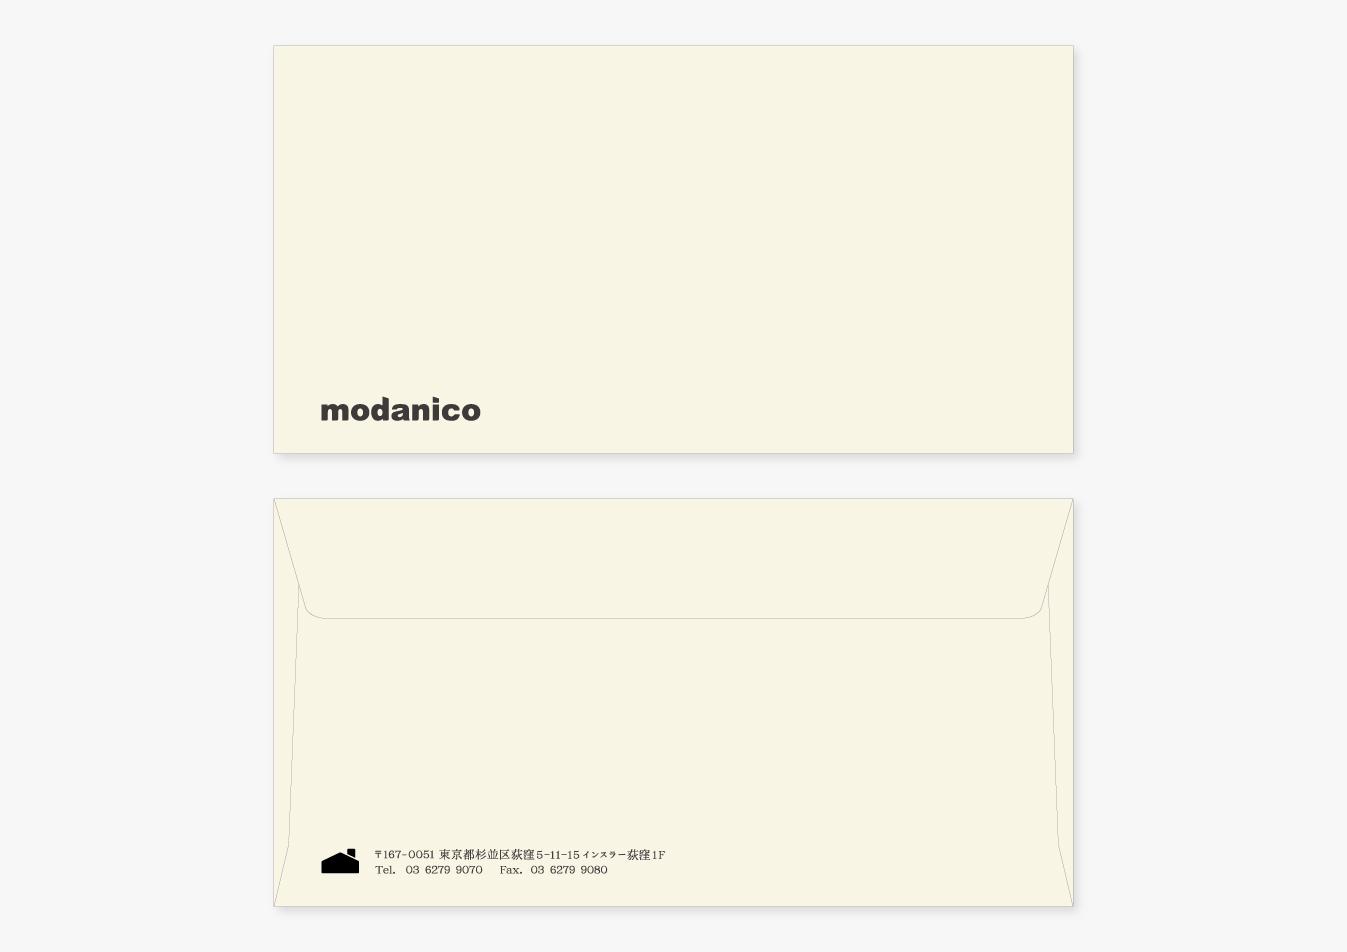 modanico_younaga3